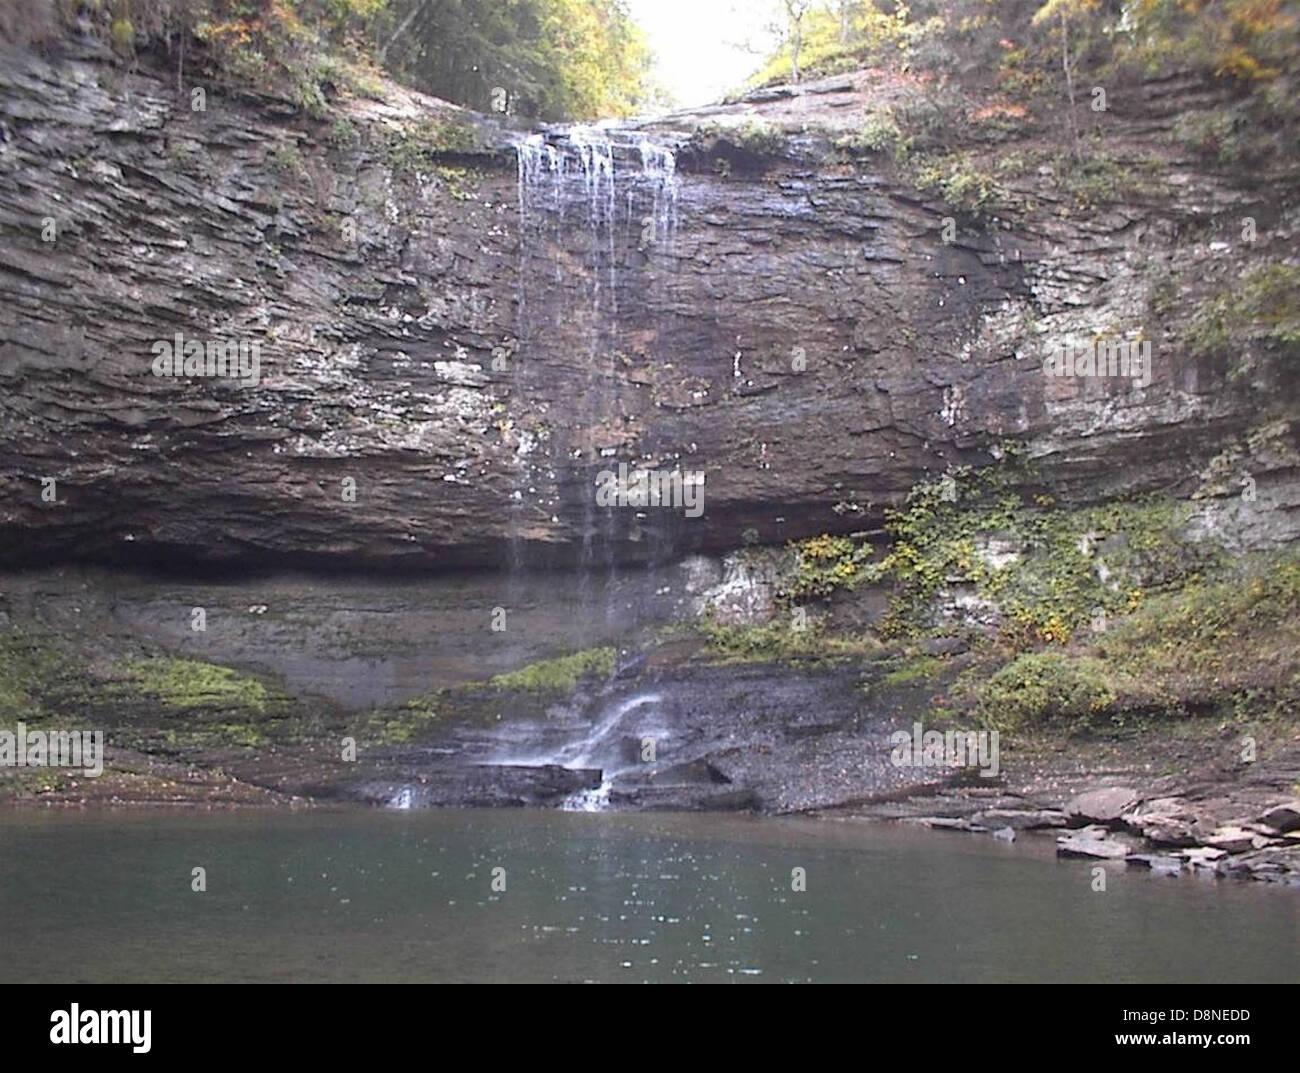 Cascata su di una scogliera rocciosa in una piscina di acqua. Immagini Stock